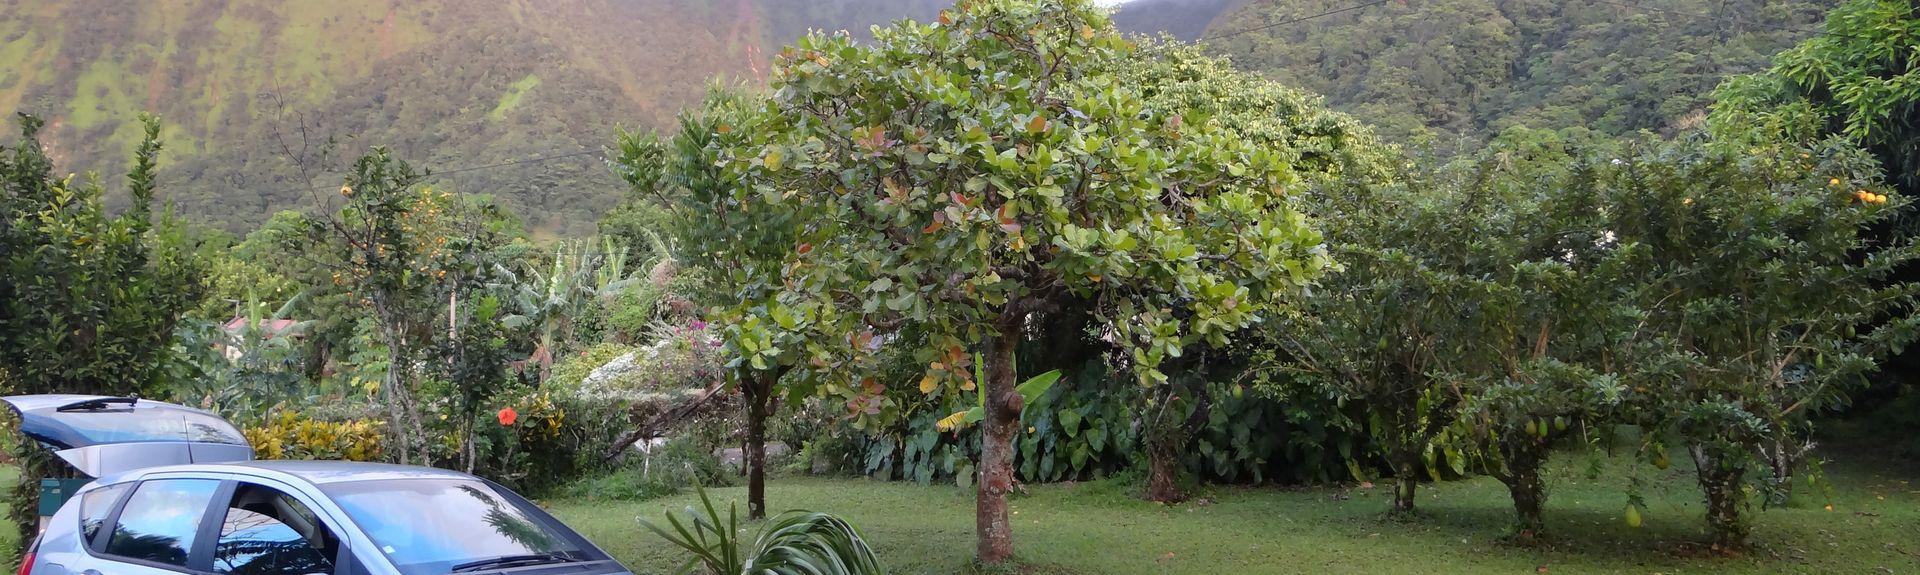 La Trinité, Martinique